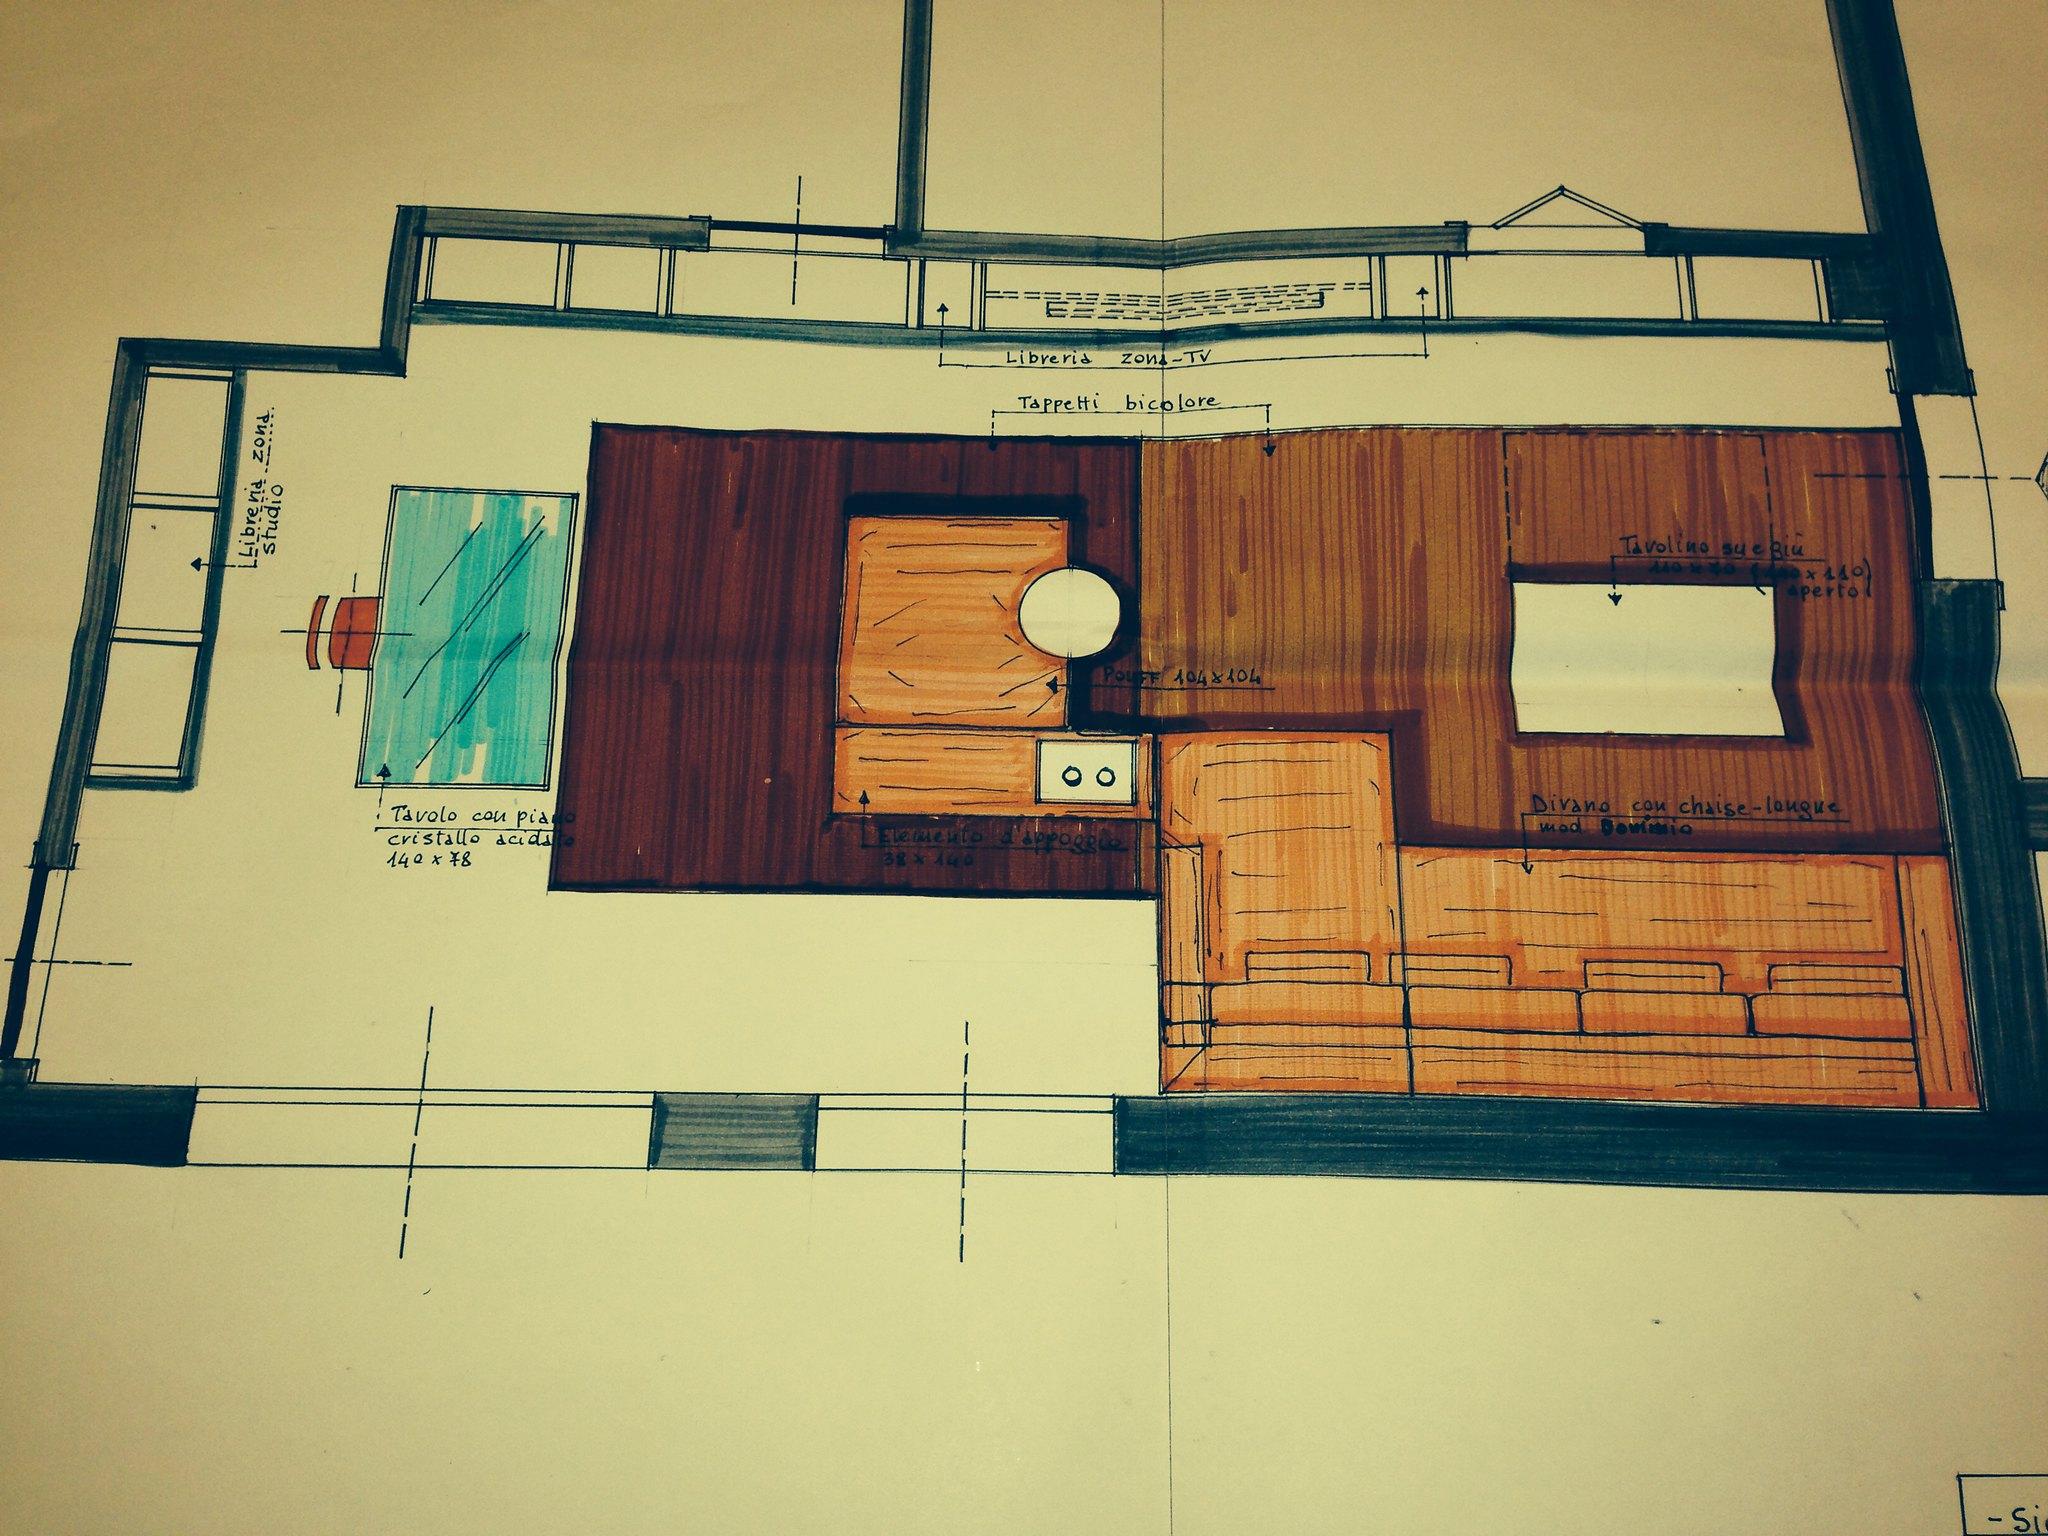 Vesto E Arredo Via Quarto 86 Brugherio.Outlet Arredamento Design Best Outlet Arredo Design Ideas Idee